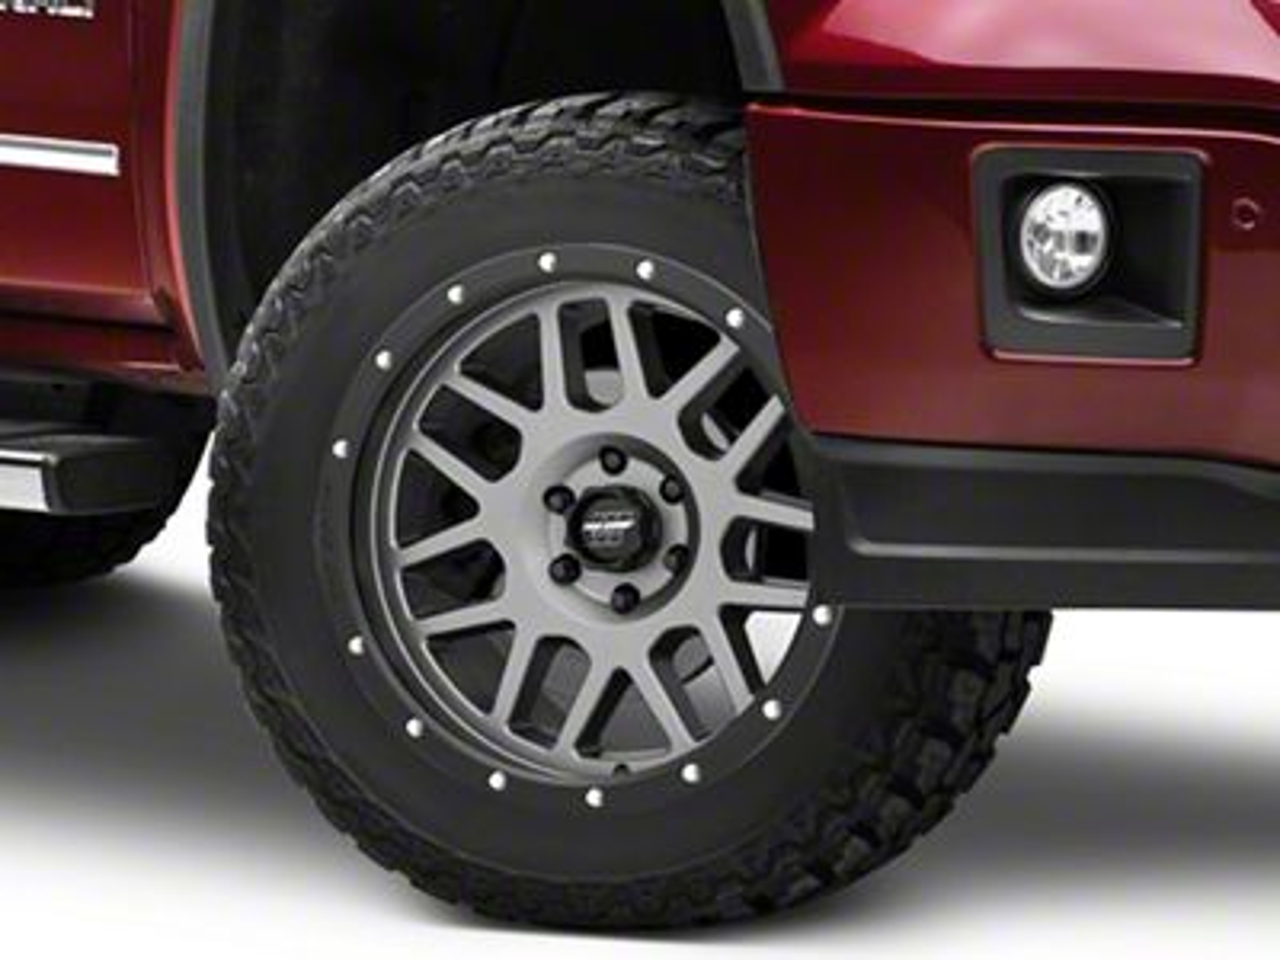 Pro Comp Vertigo Matte Graphite 6-Lug Wheel - 20x9 (07-18 Sierra 1500)